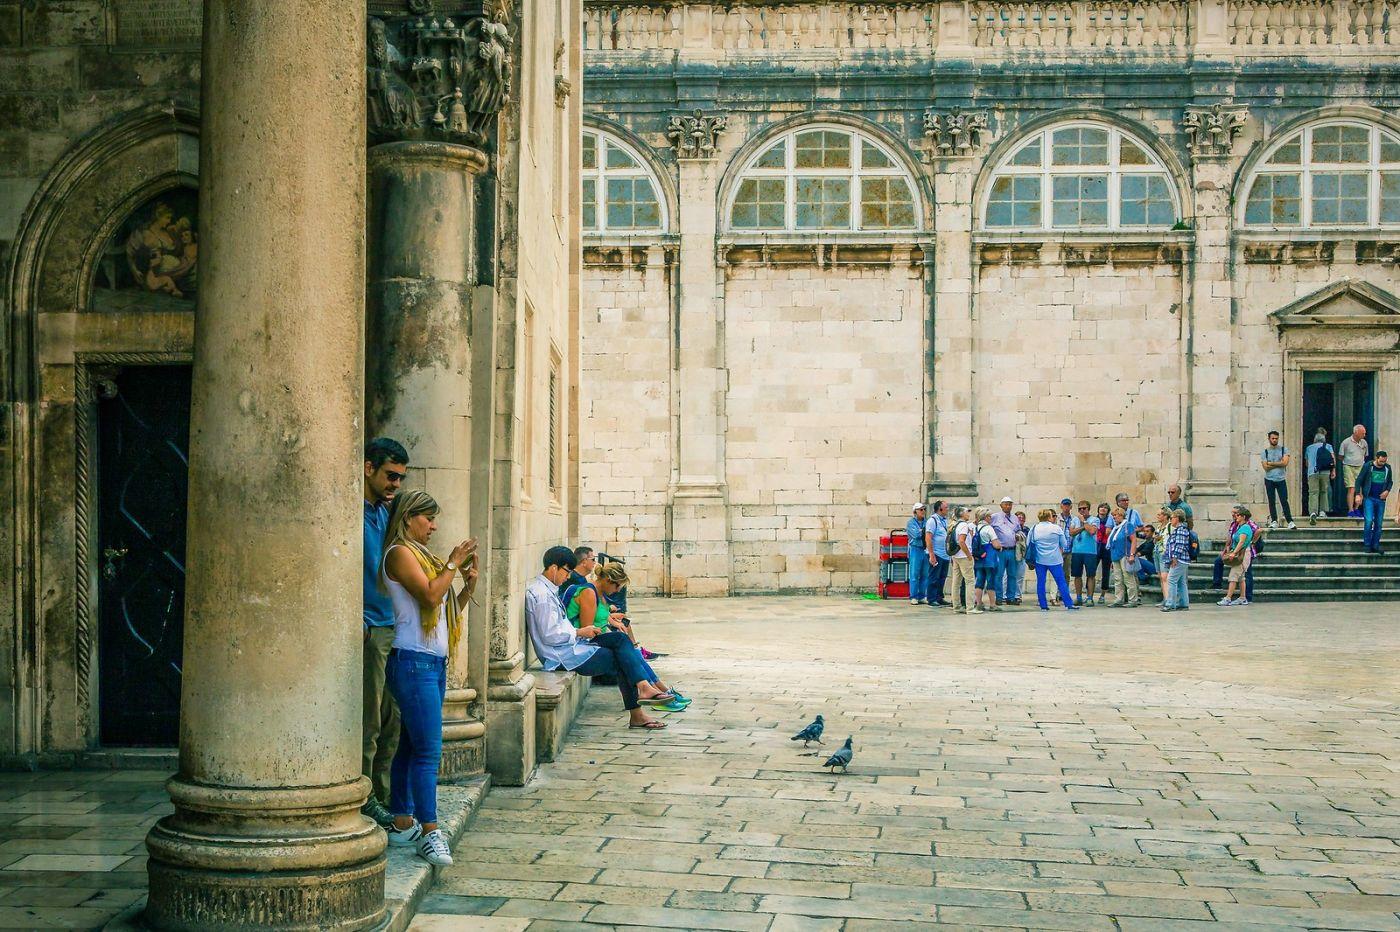 克罗地亚杜布罗夫尼克(Dubrovnik),古城小巷_图1-9